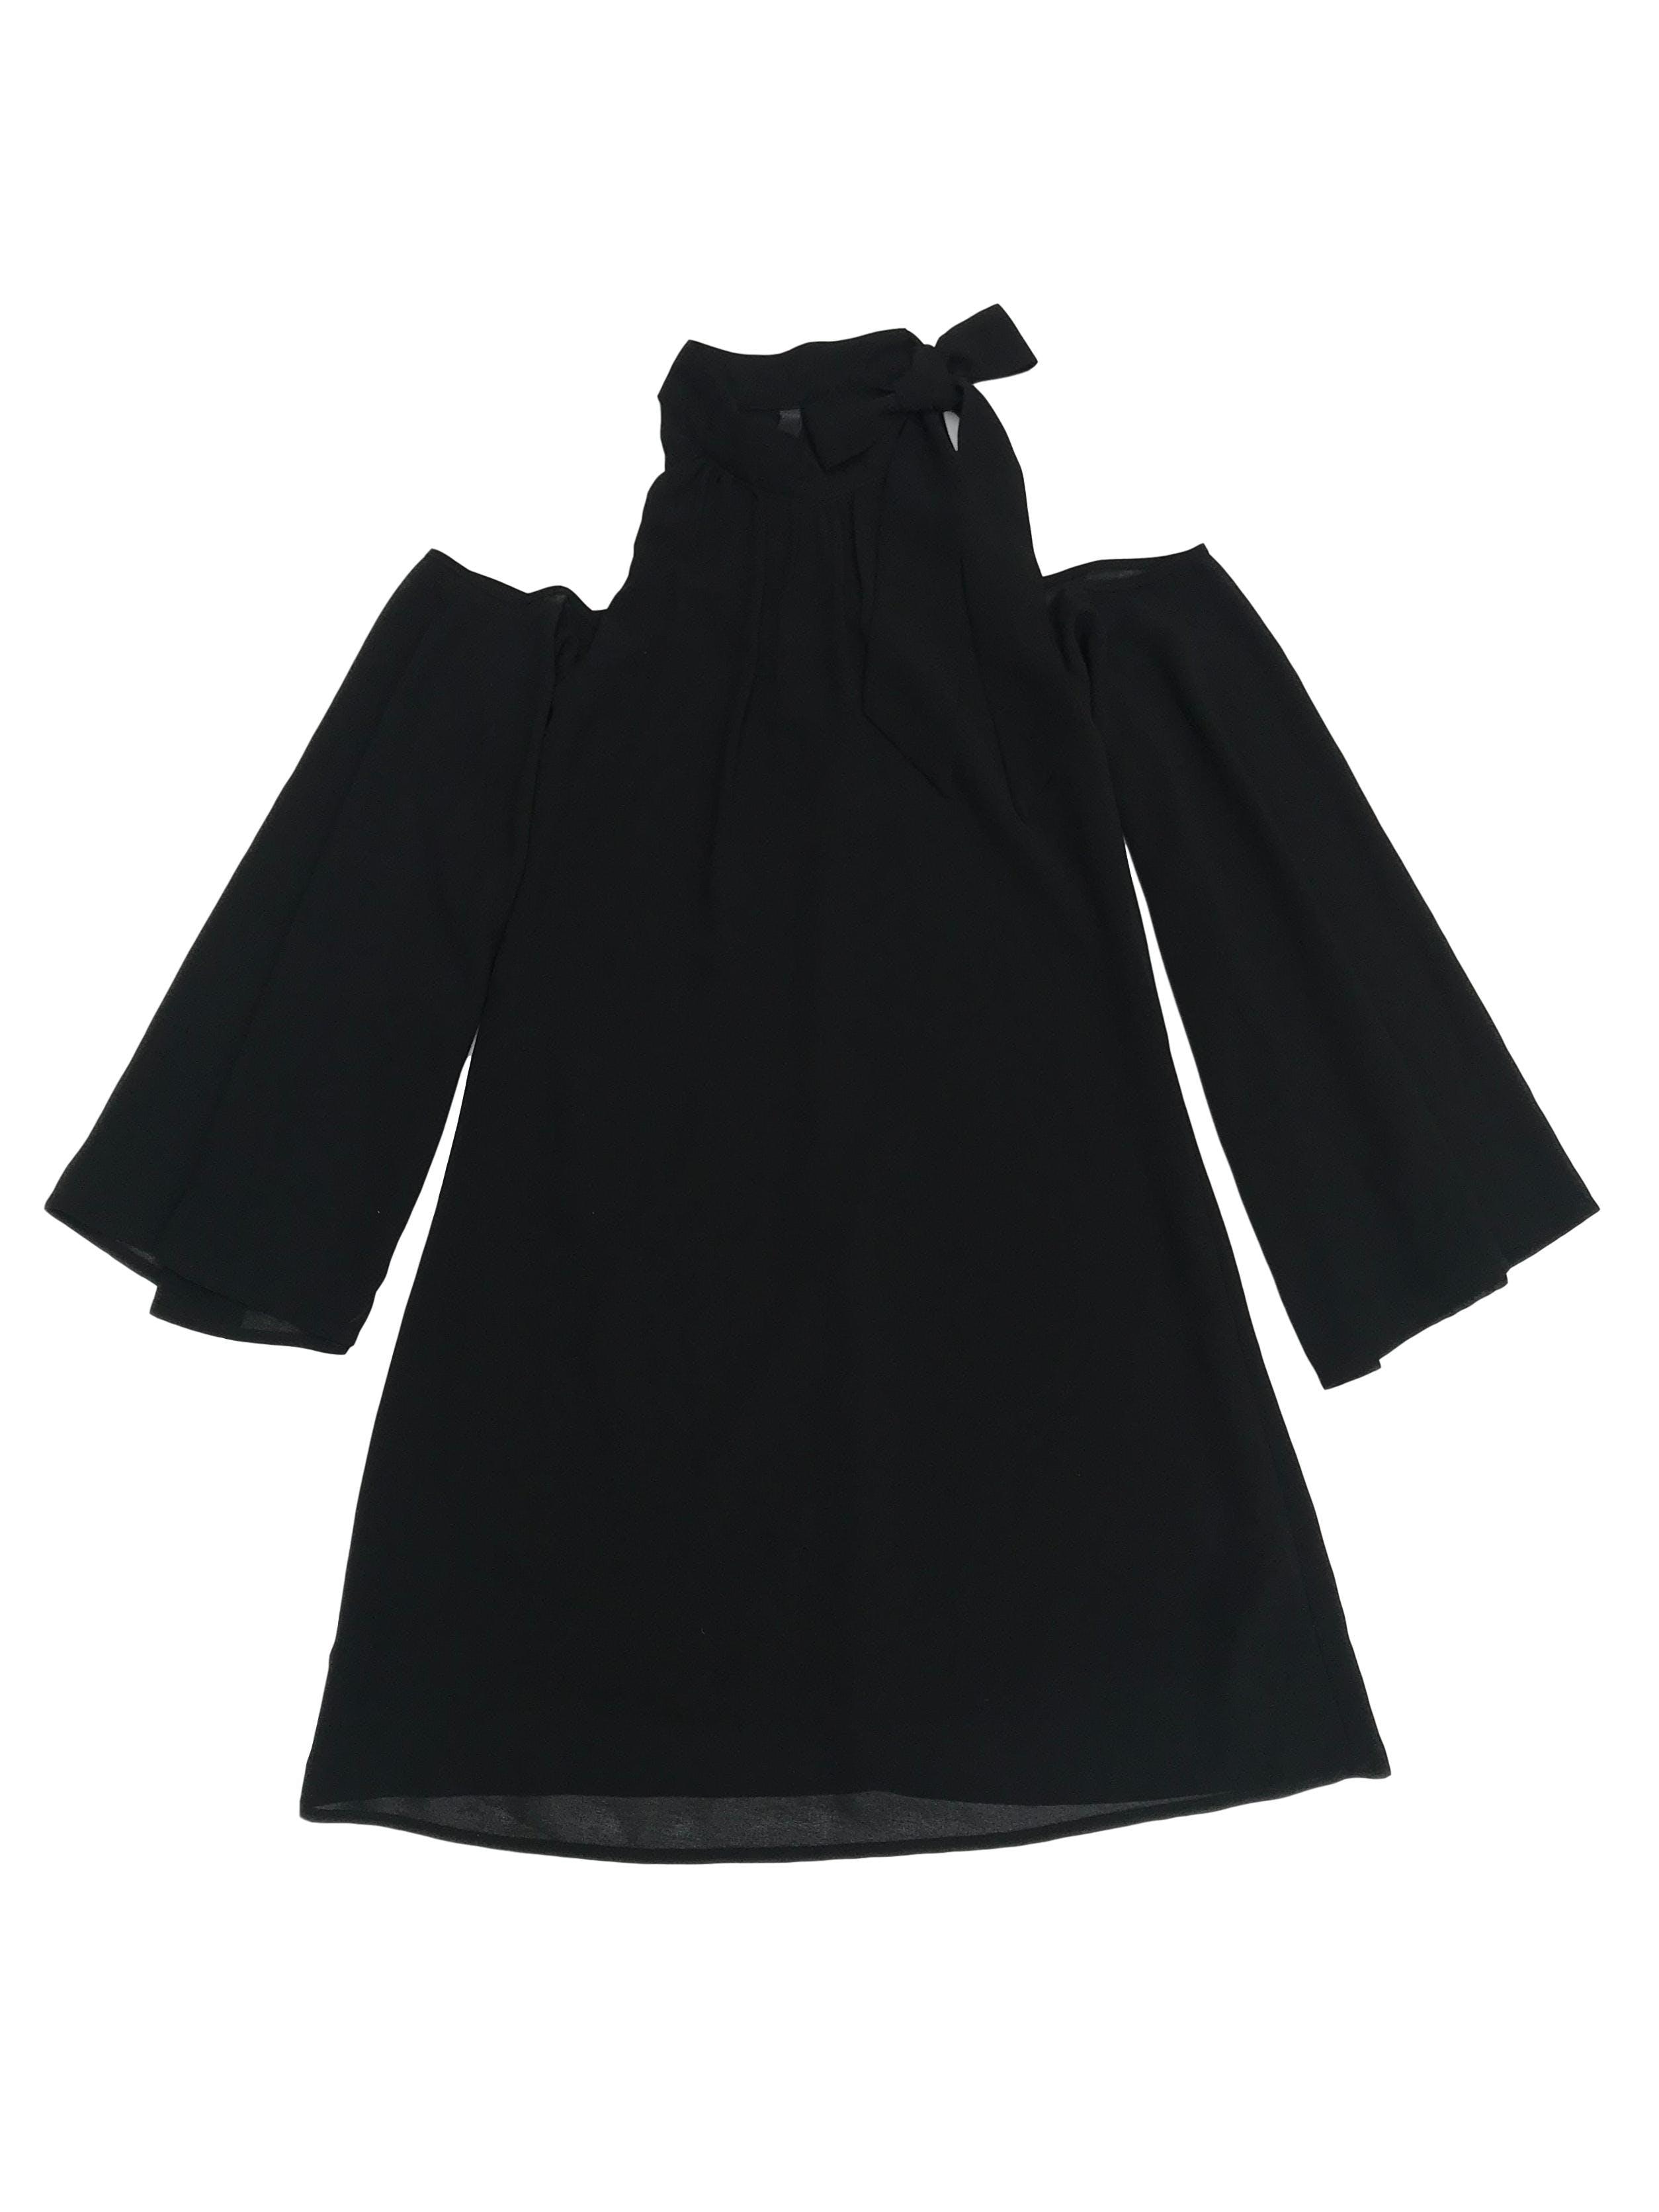 Vestido mini de gasa negra con lazo lateral en el cuello, forrado corte en A, hombros descubiertos y mangas campana. Largo desde el cuello 85cm. ¡Hermoso!